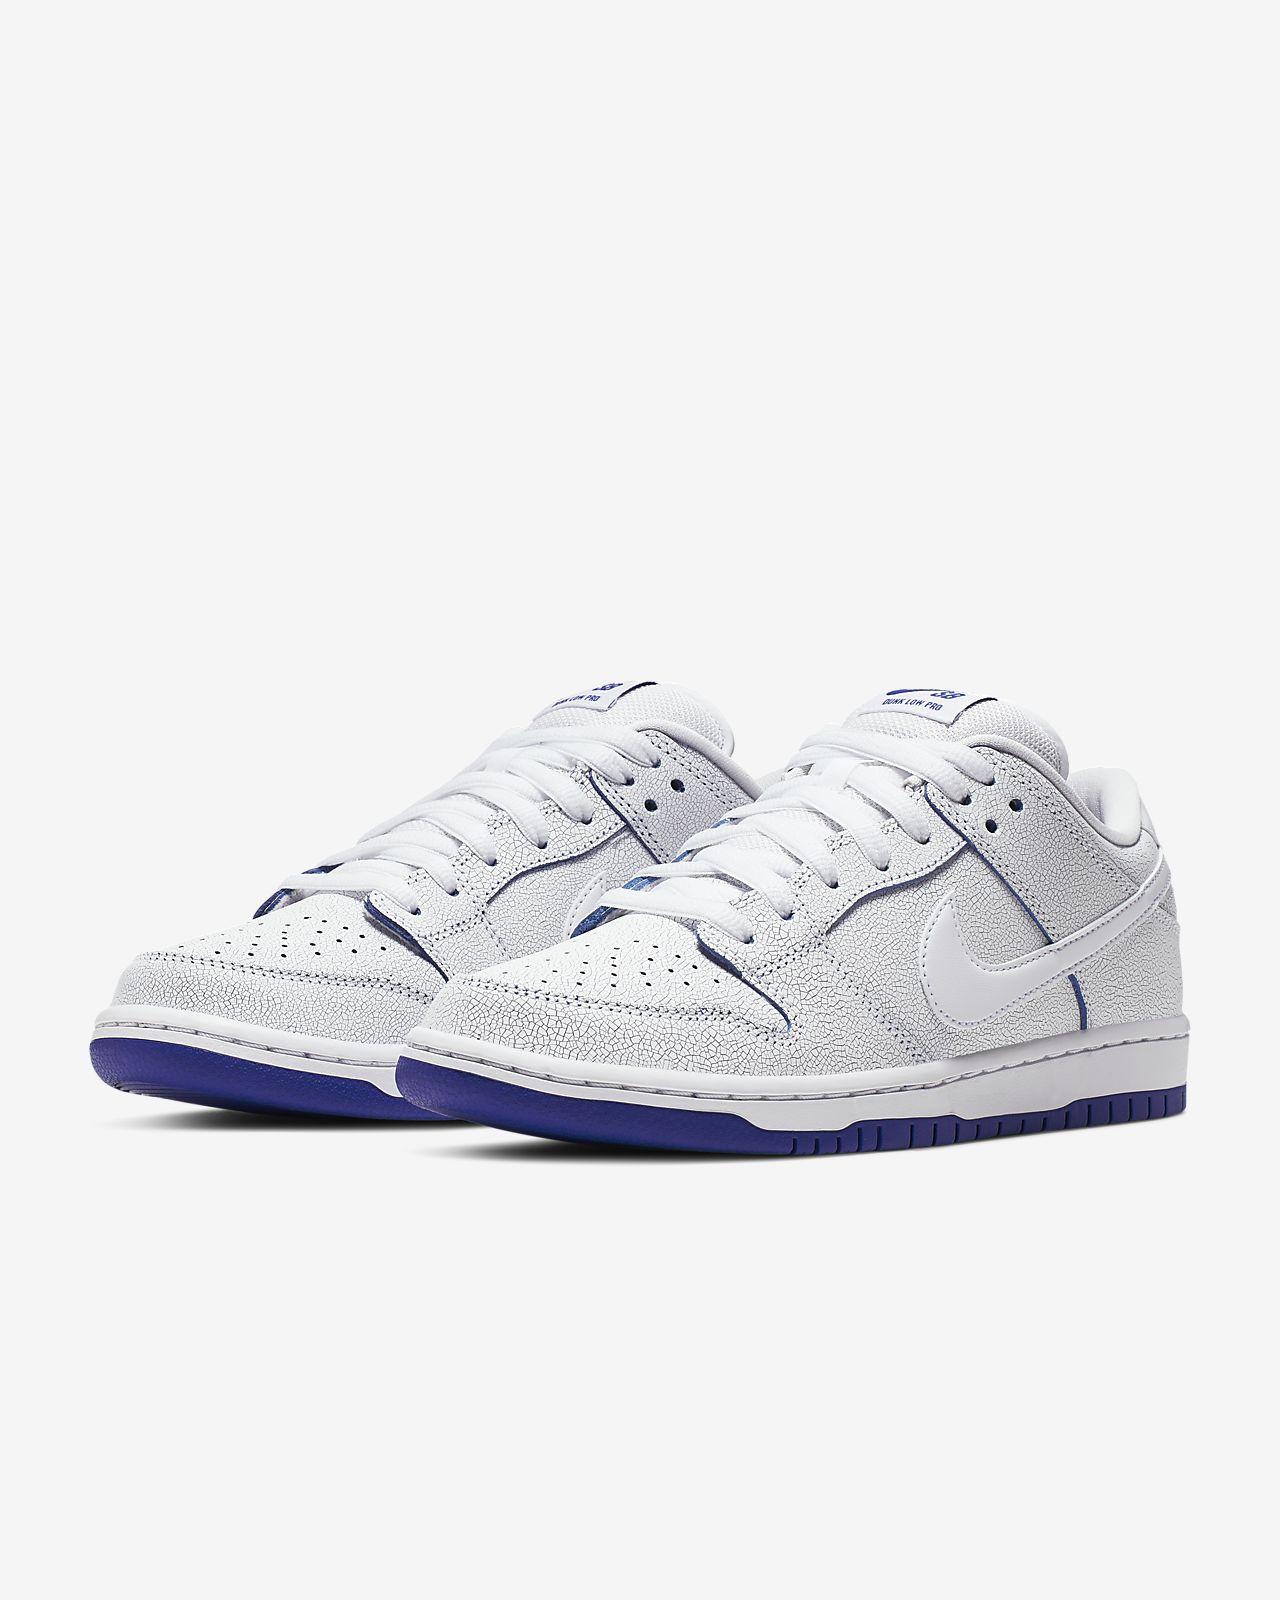 buy online 9e9b5 c8509 Nike SB Dunk Low Pro Premium Skate Shoe